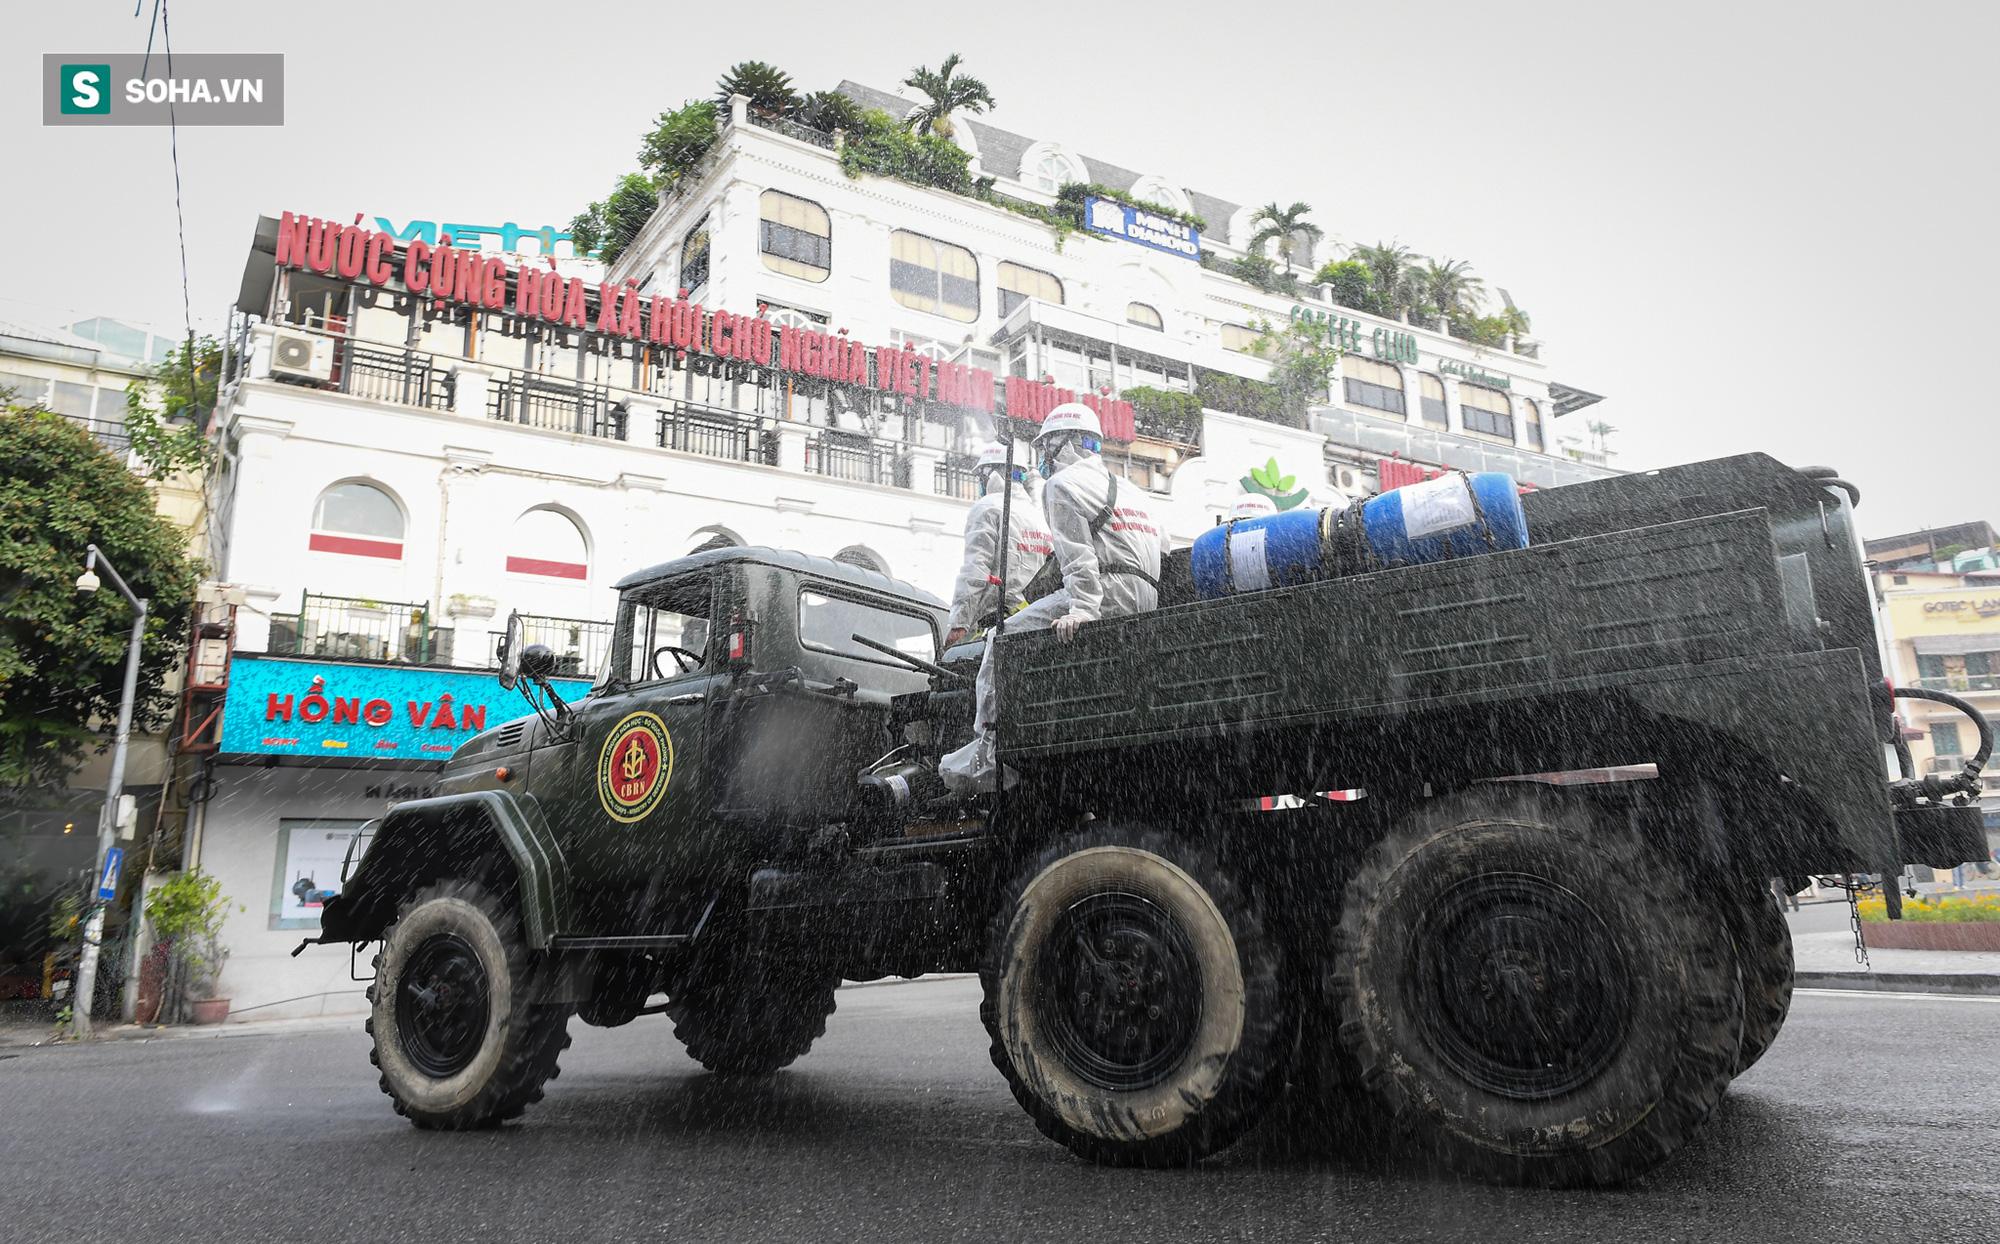 Cận cảnh 15 xe đặc chủng cùng 180 chiến sĩ phun khử khuẩn toàn bộ quận Hoàn Kiếm - Ảnh 8.